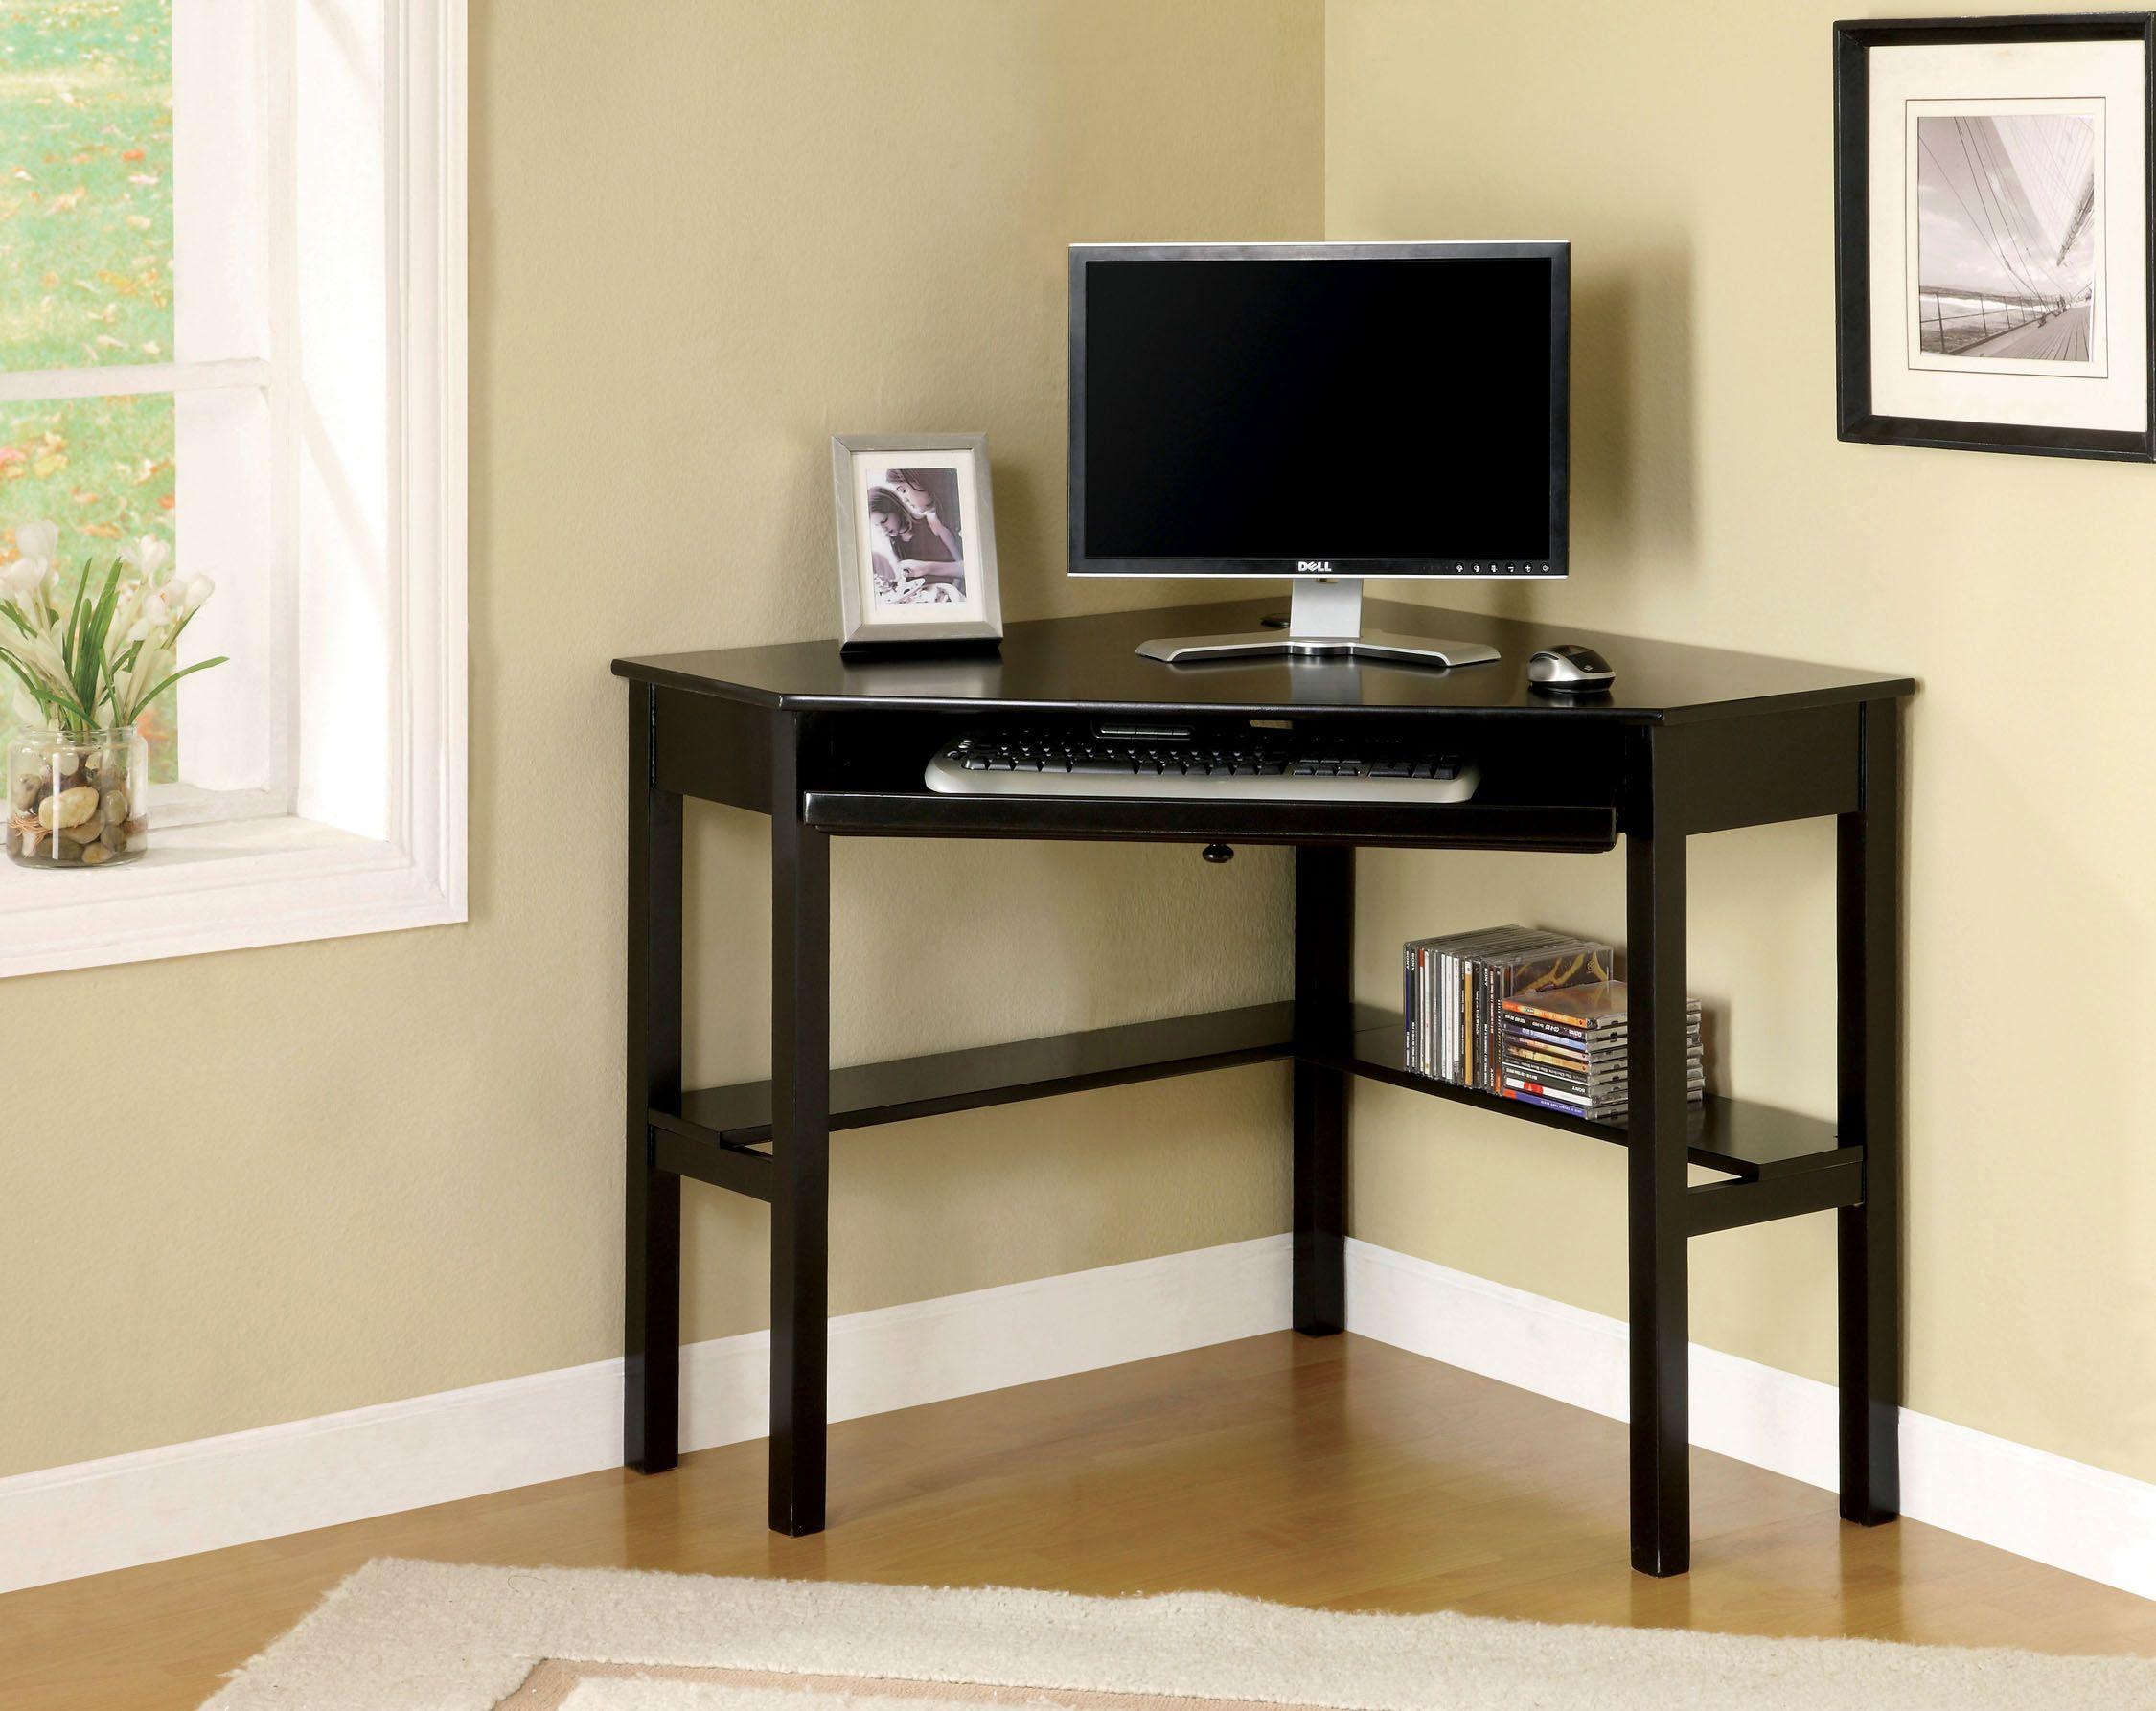 Home In 2020 Black Corner Desk Computer Desks For Home Black Corner Computer Desk